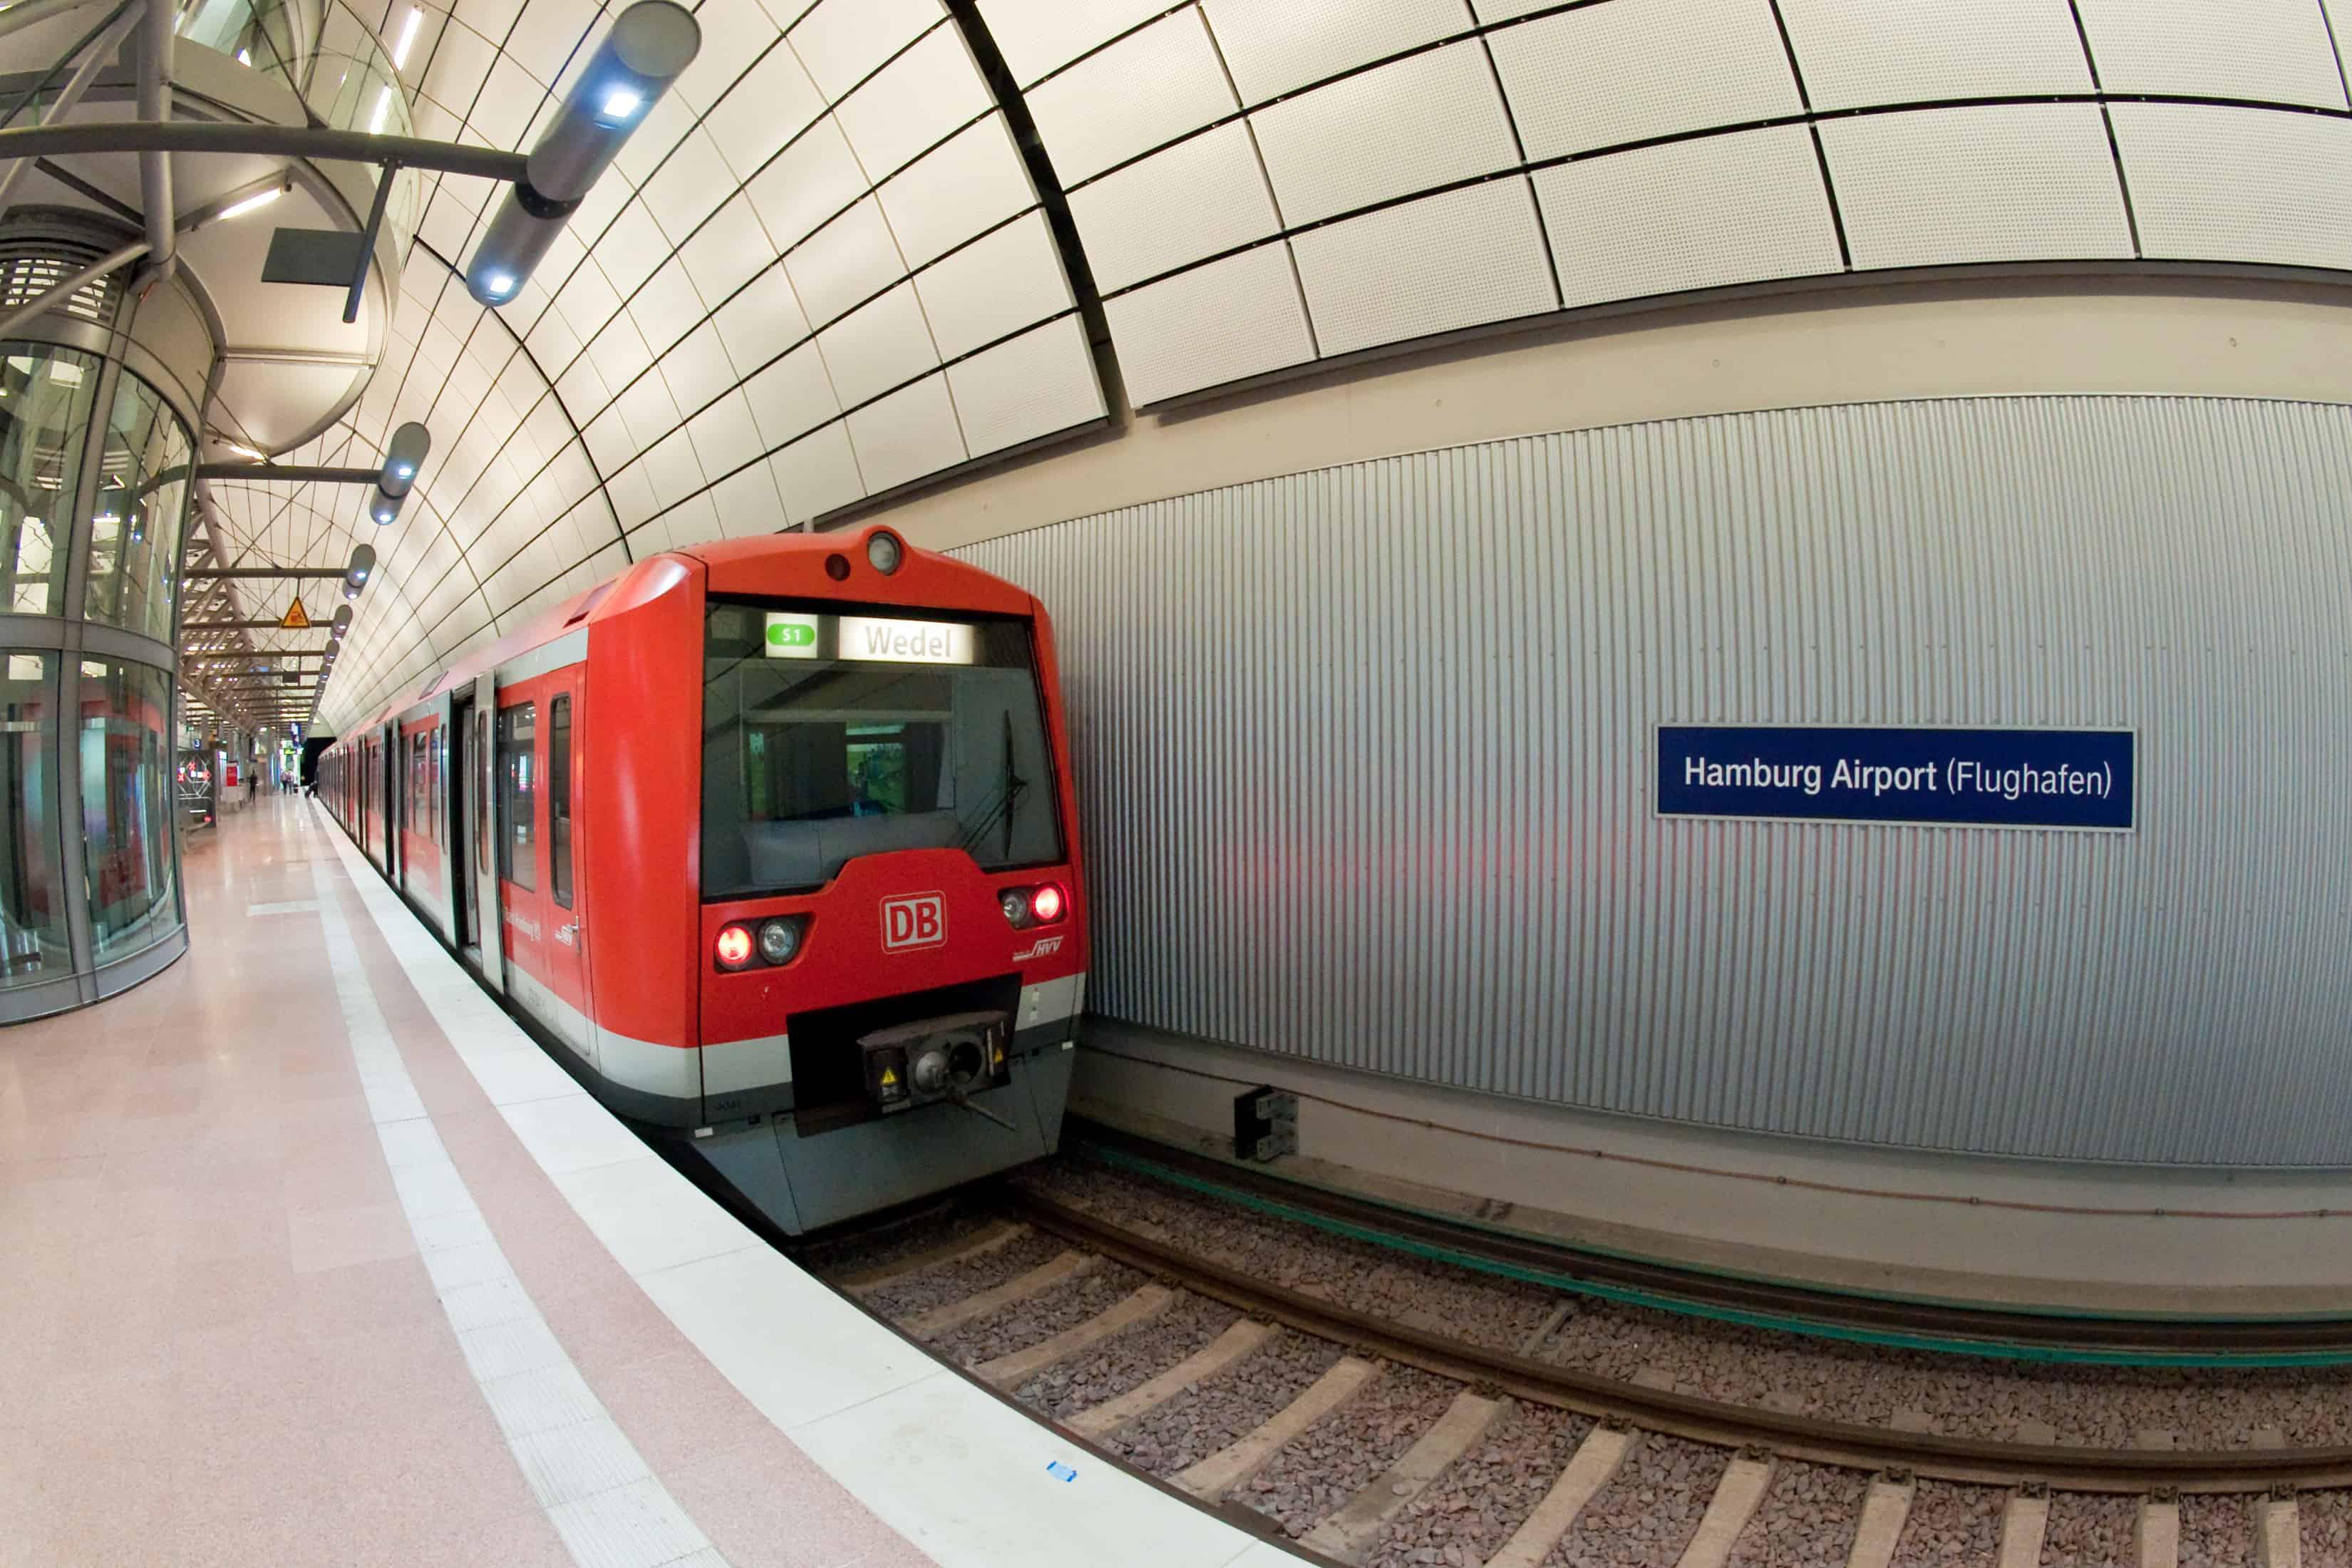 Hamburg Airport S-1 Metro Train